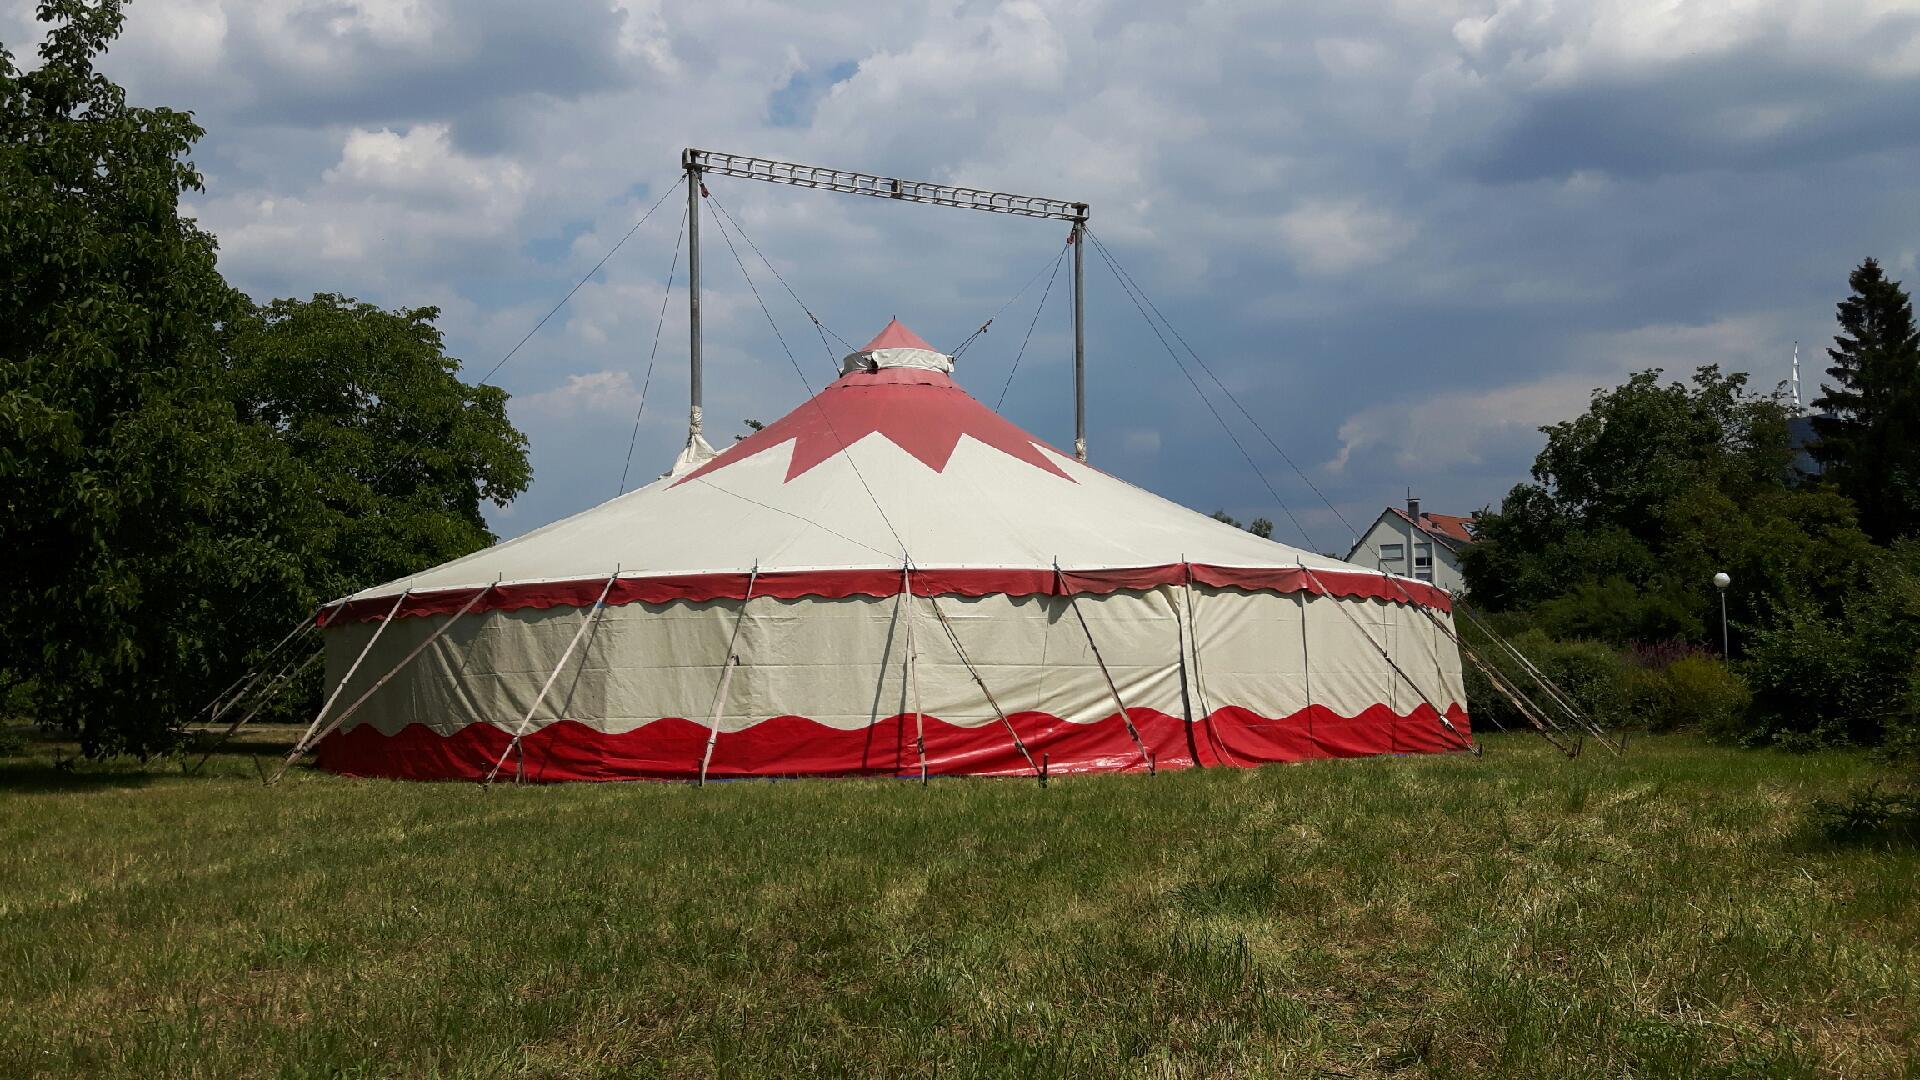 Zirkuszelt der vhs Sommerzirkusschule